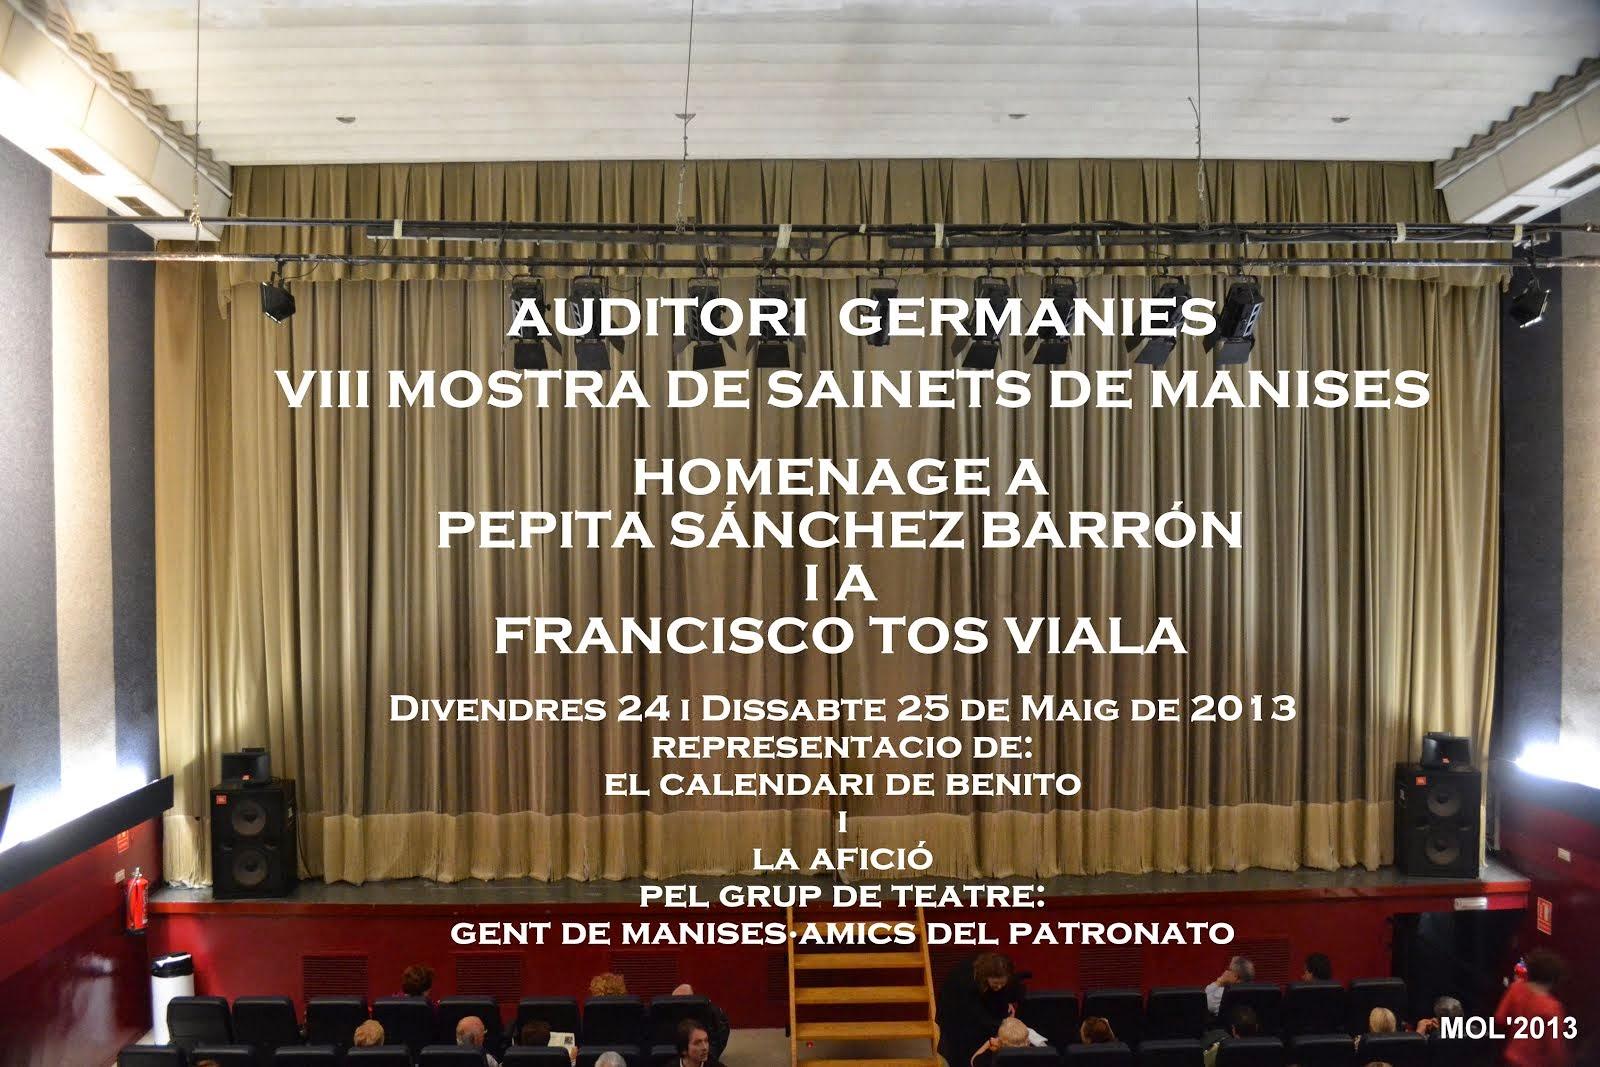 24.05.13 MOSTRA DE SAINETS EN LLENGUA VALENCIANA, AUDITORI GERMANIES